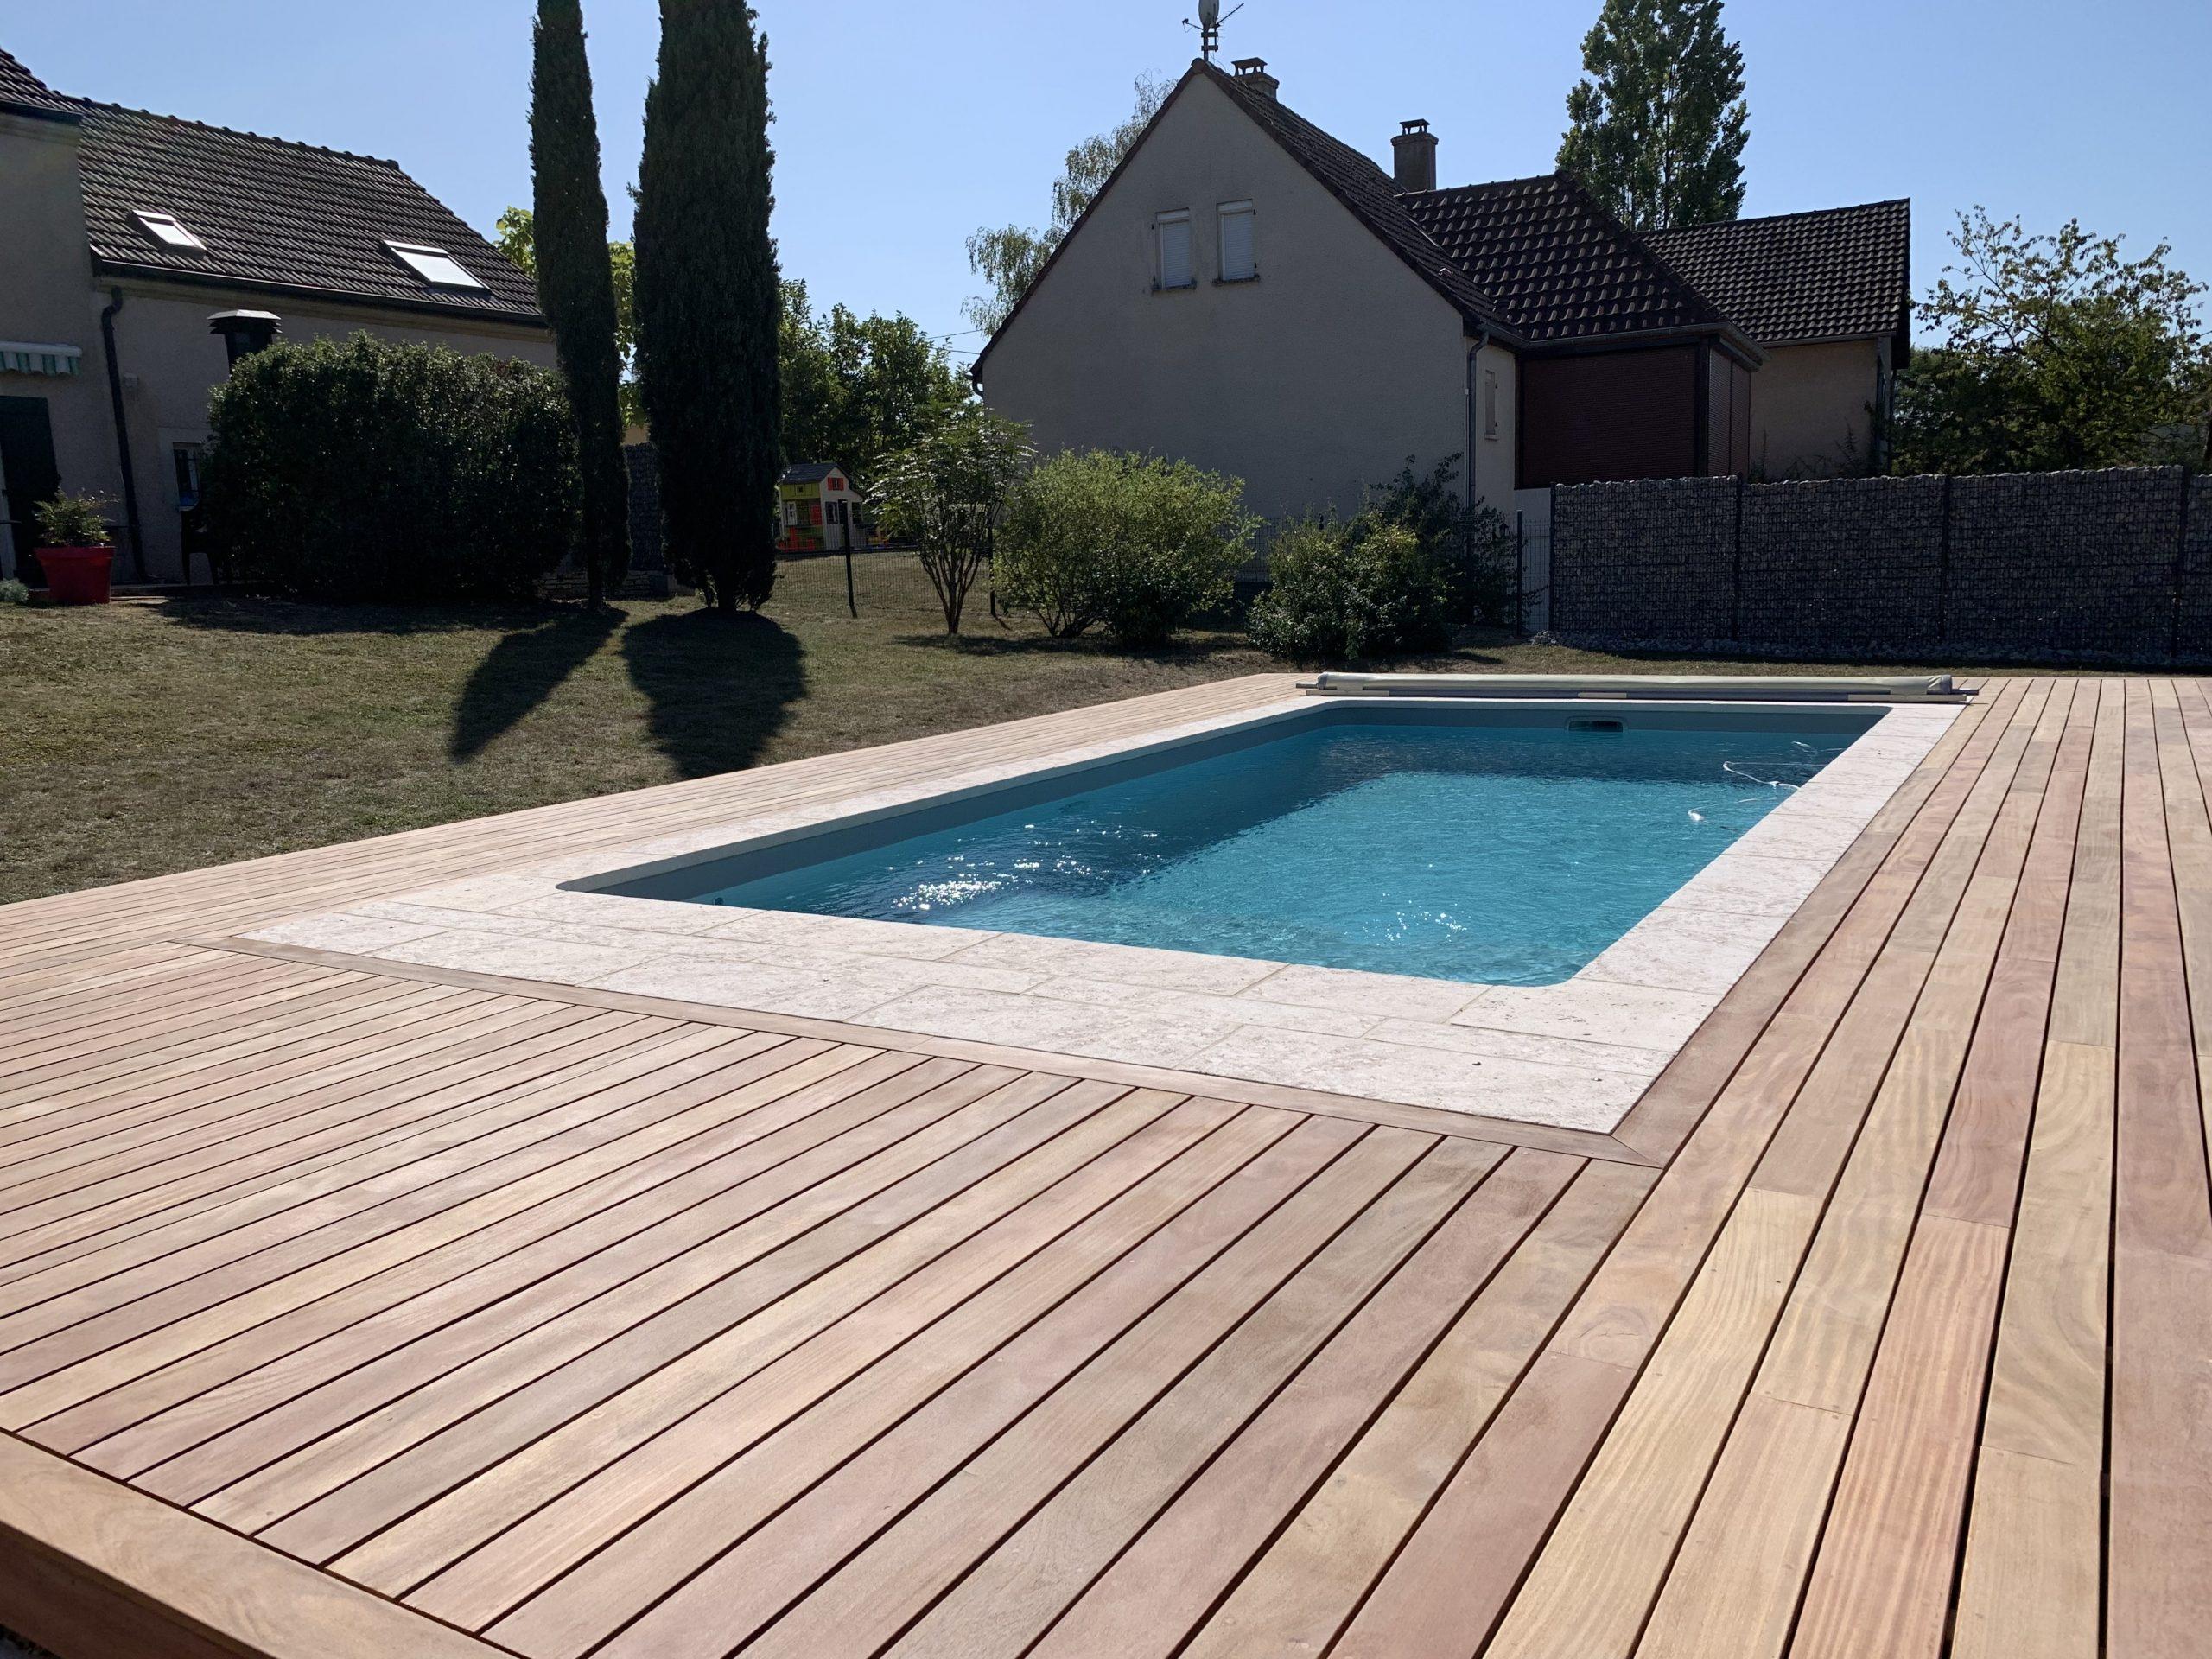 Bois Pour Terrasse Extérieure concept bois design réalise une terrasse en bois pour votre